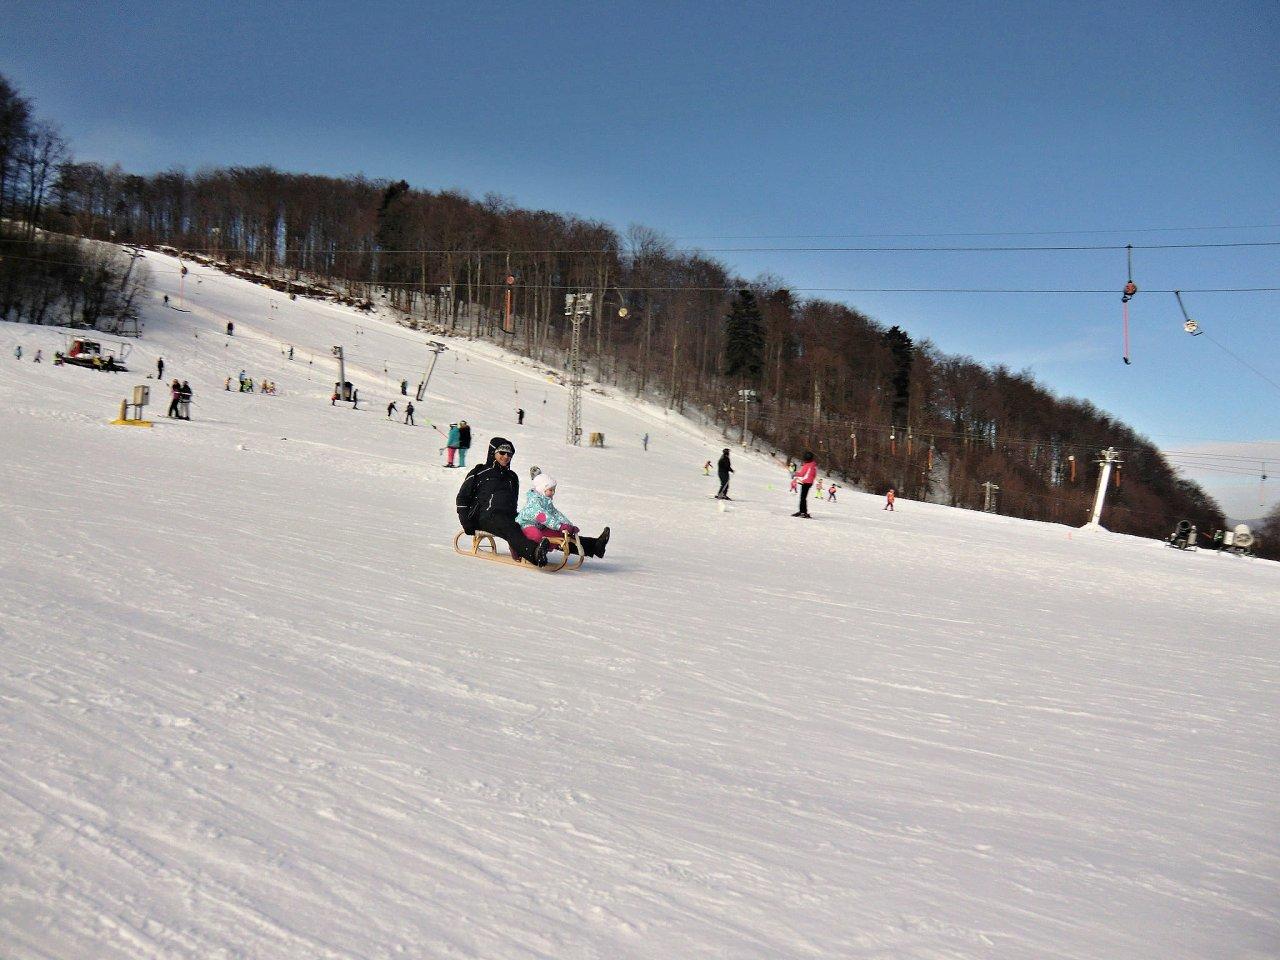 Jahodna ski resort, Kosice, Slovakia